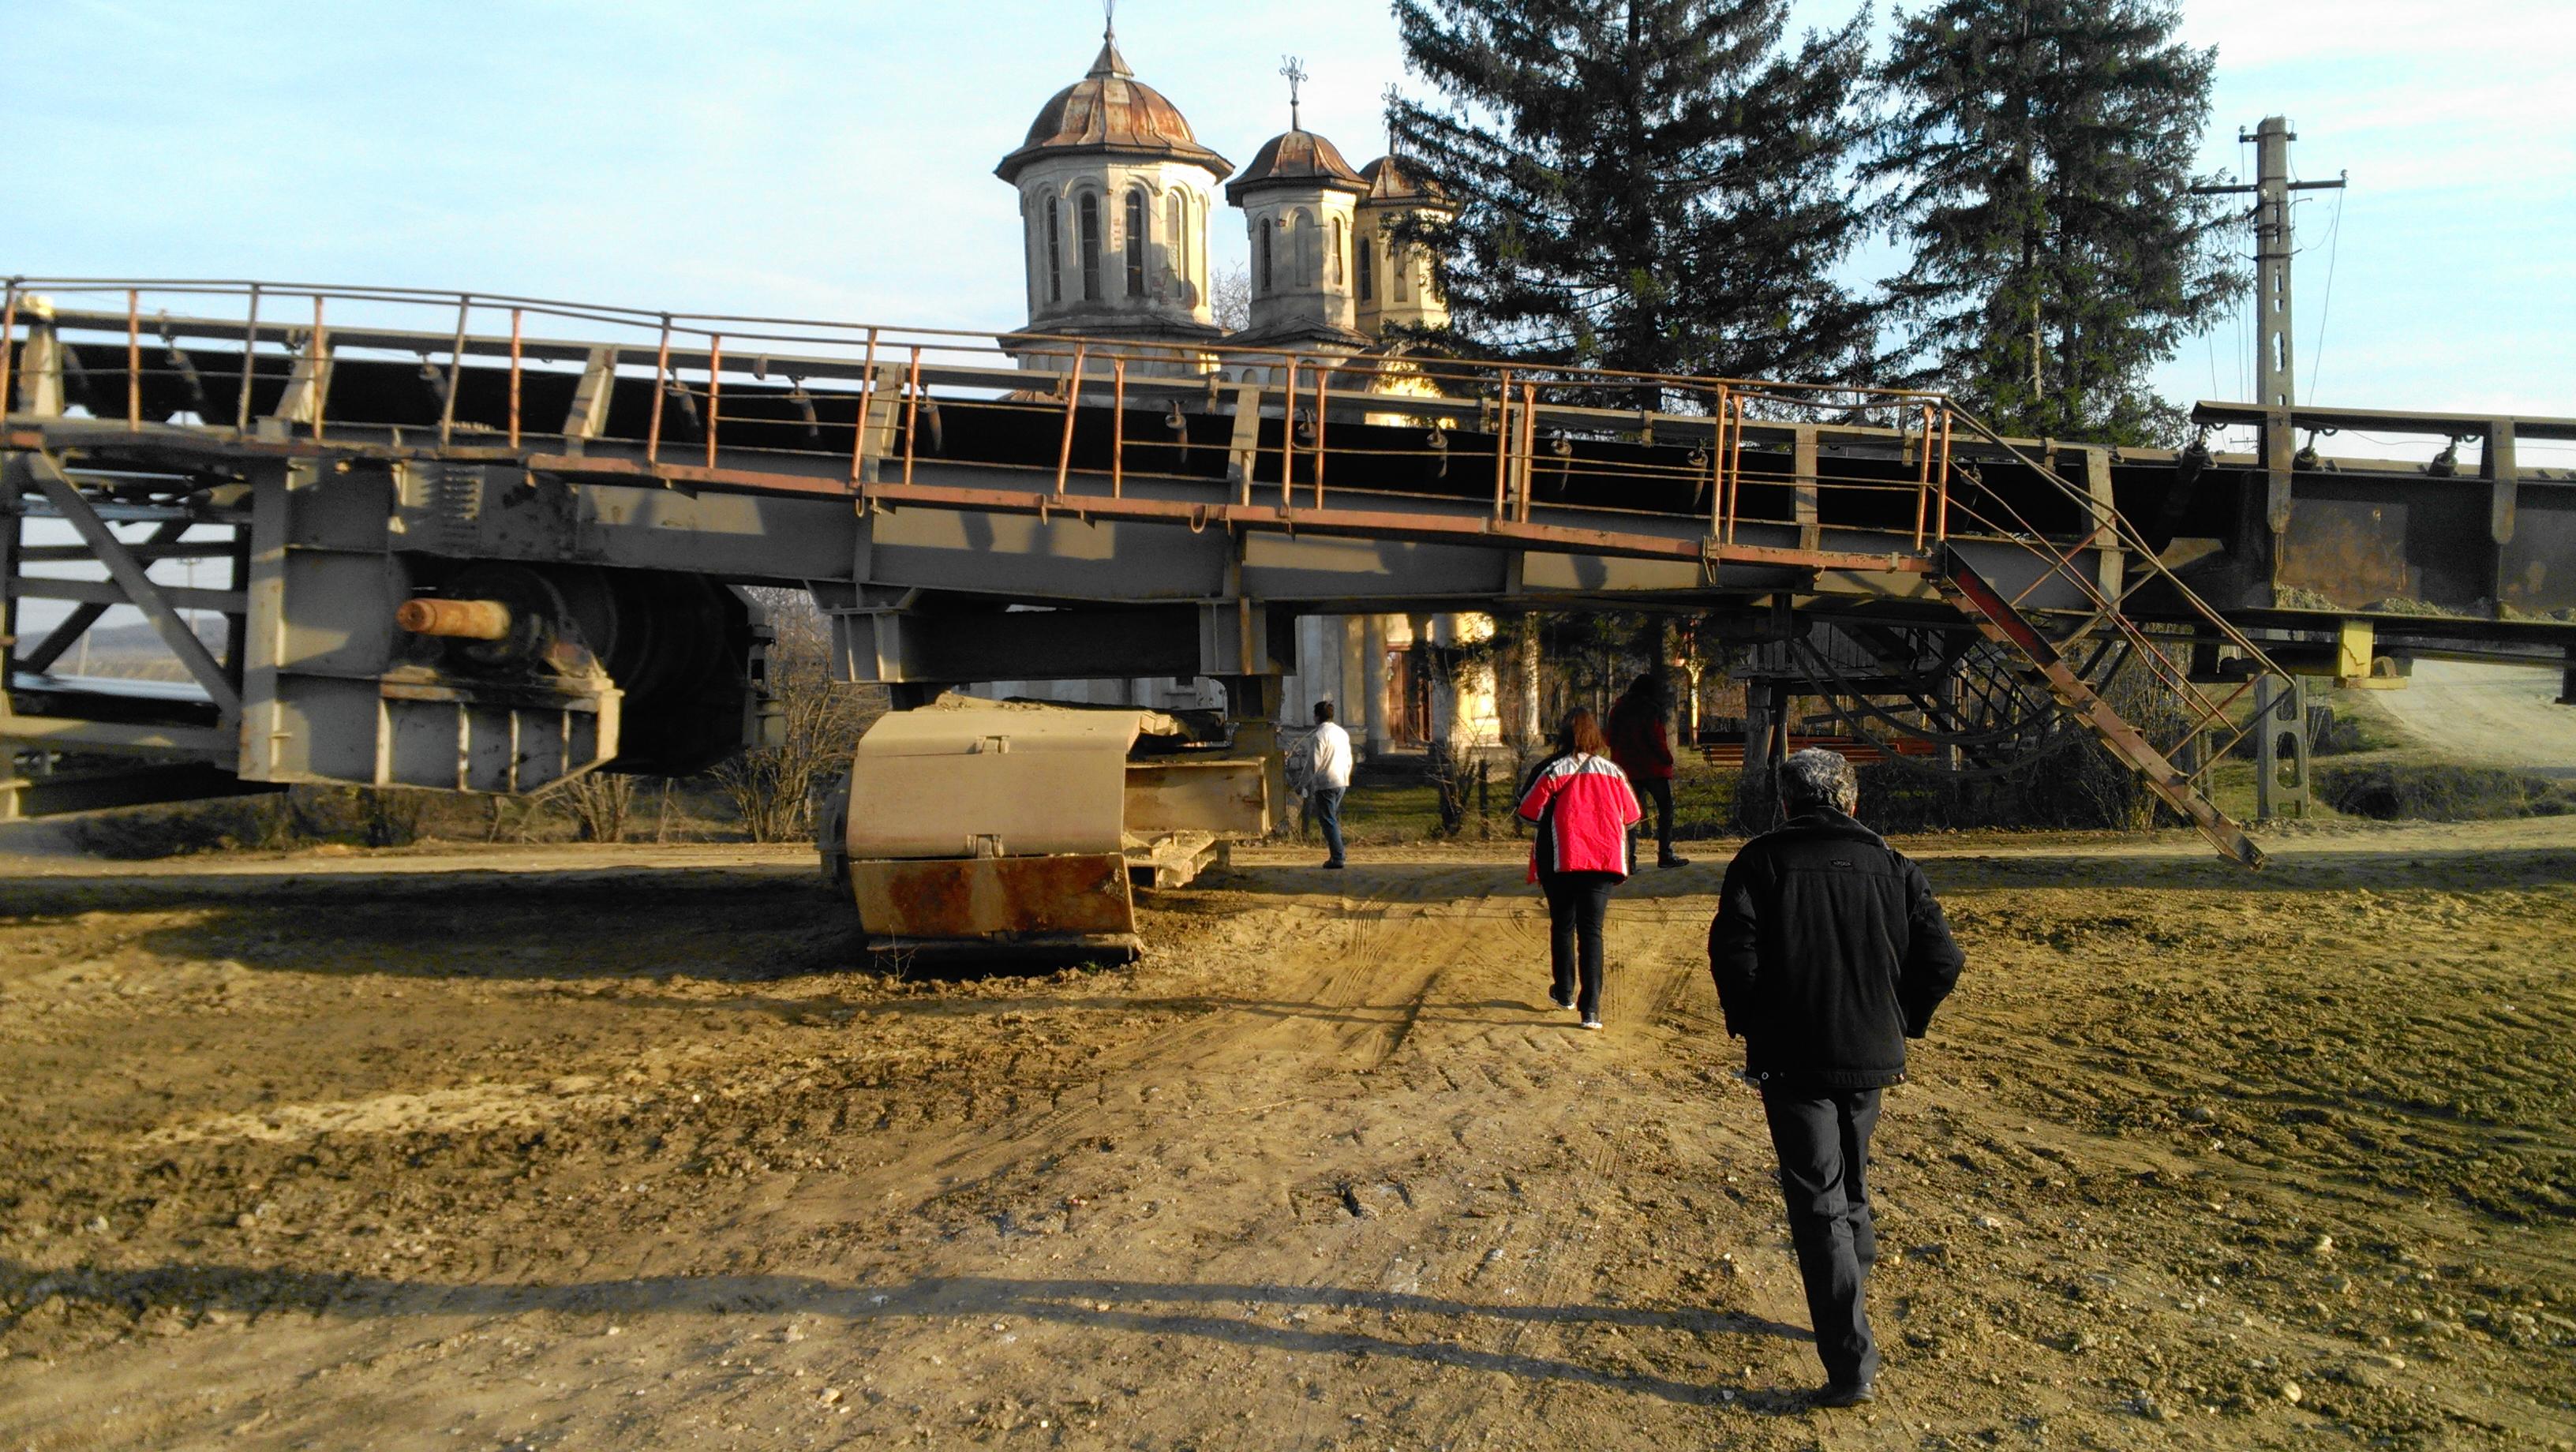 Cum au ajuns giganții energiei din România să dețină biserici, cimitire, școli, drumuri sau construcții, care mai mult înghit bani decât produc